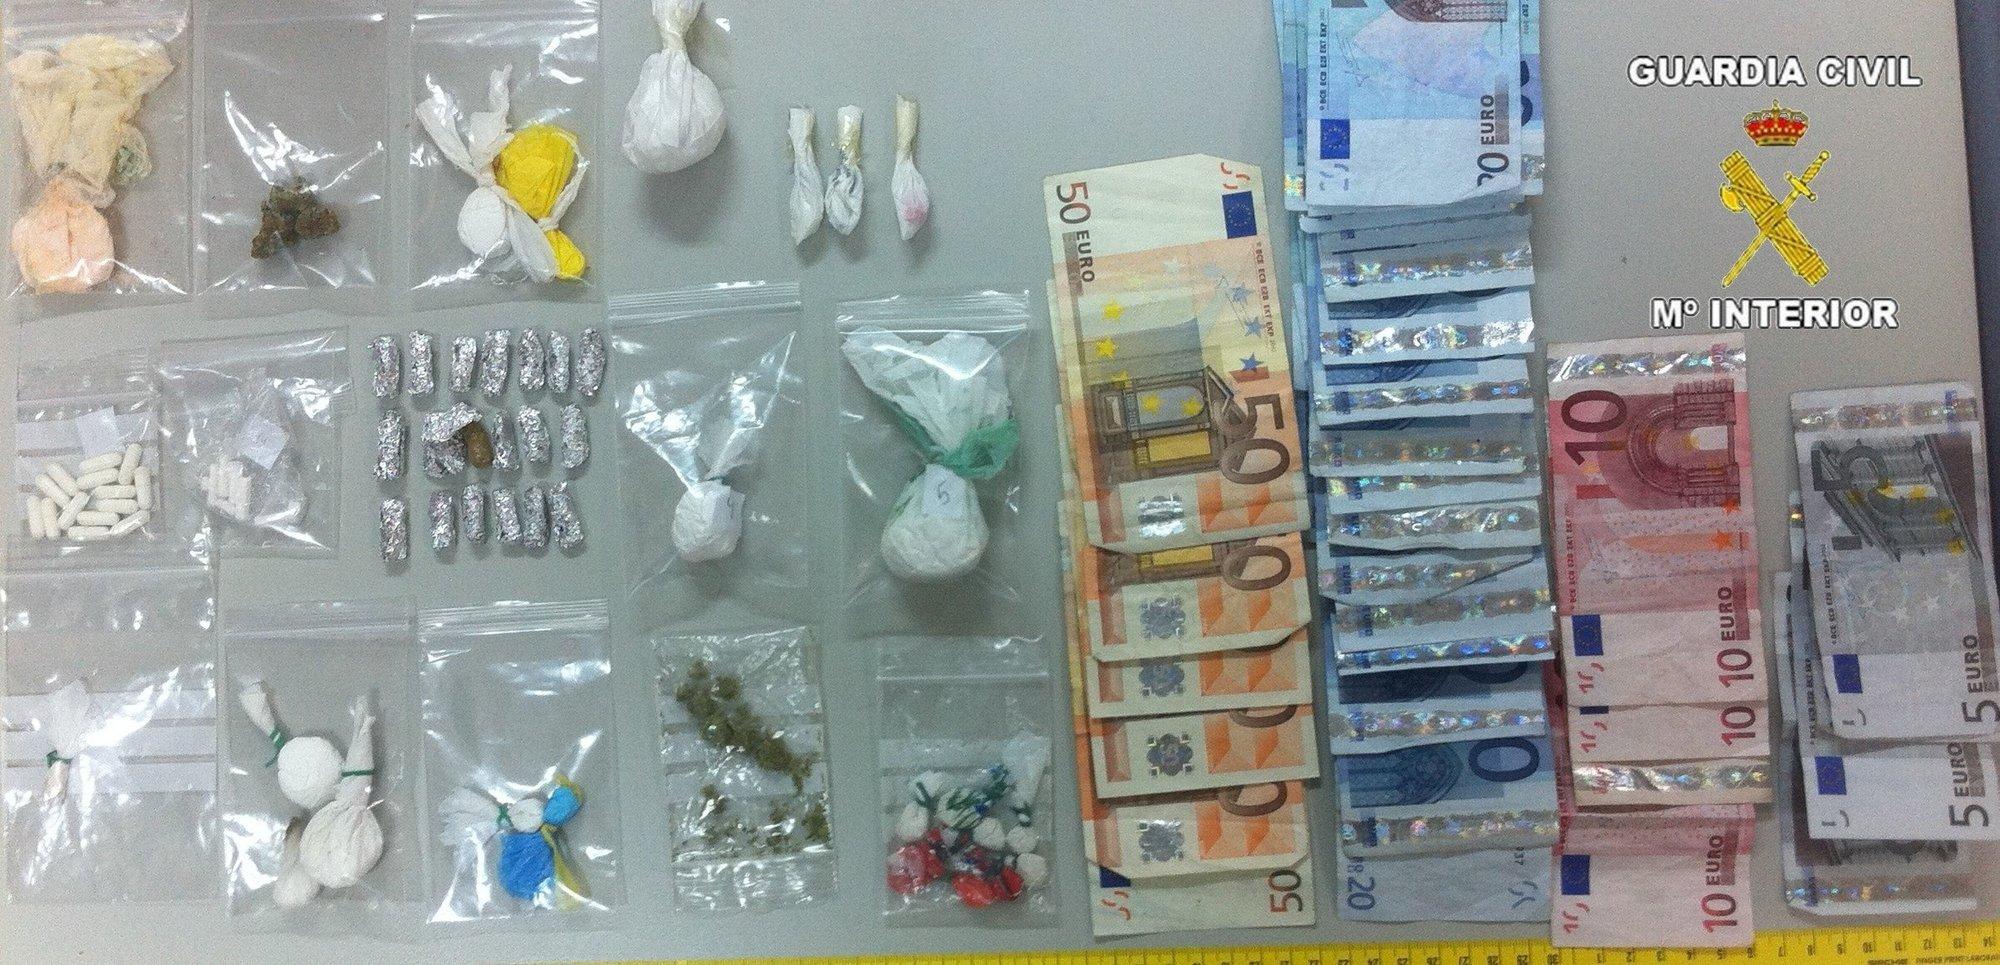 Detenidas diez personas por tráfico de droga al menudeo en una zona de ocio de Torrevieja